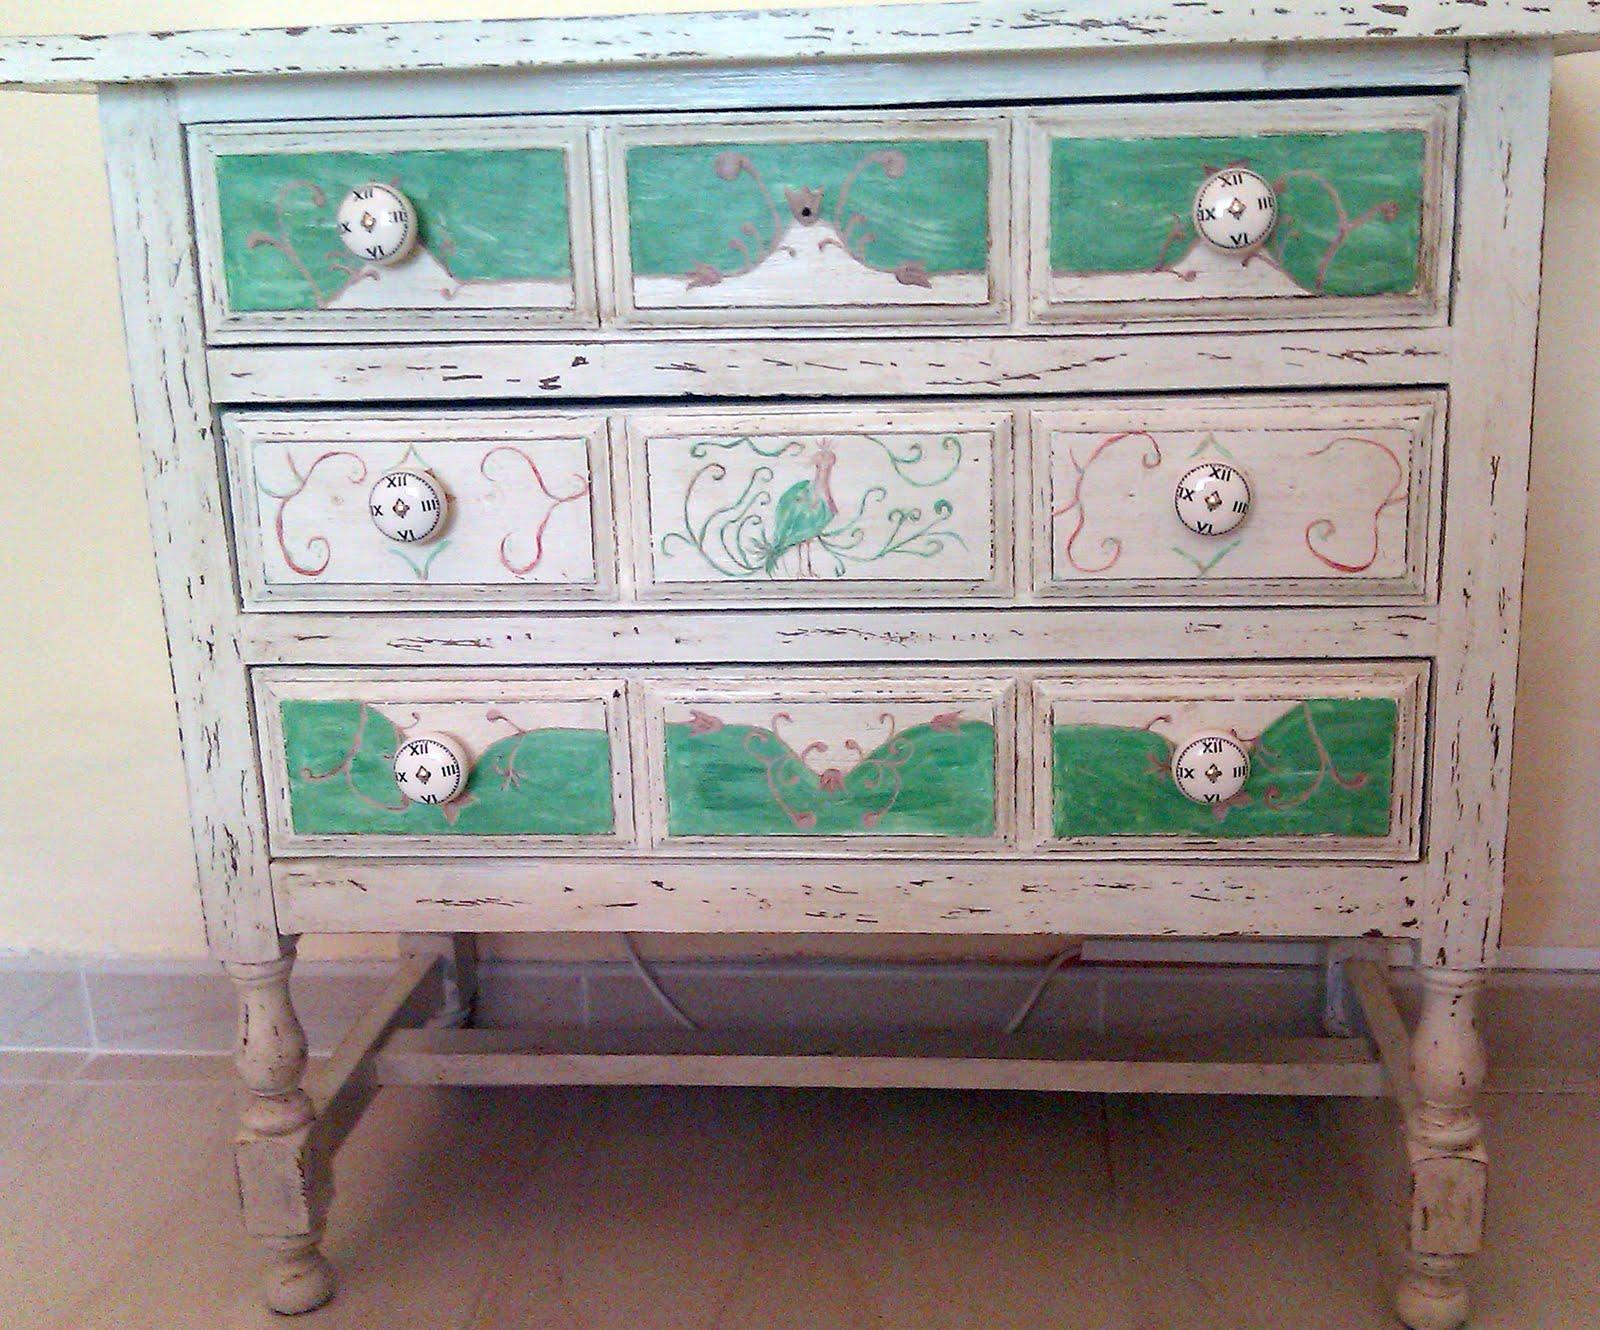 Como decapar un mueble lacado envejece tus muebles con - Pintar mueble lacado ...